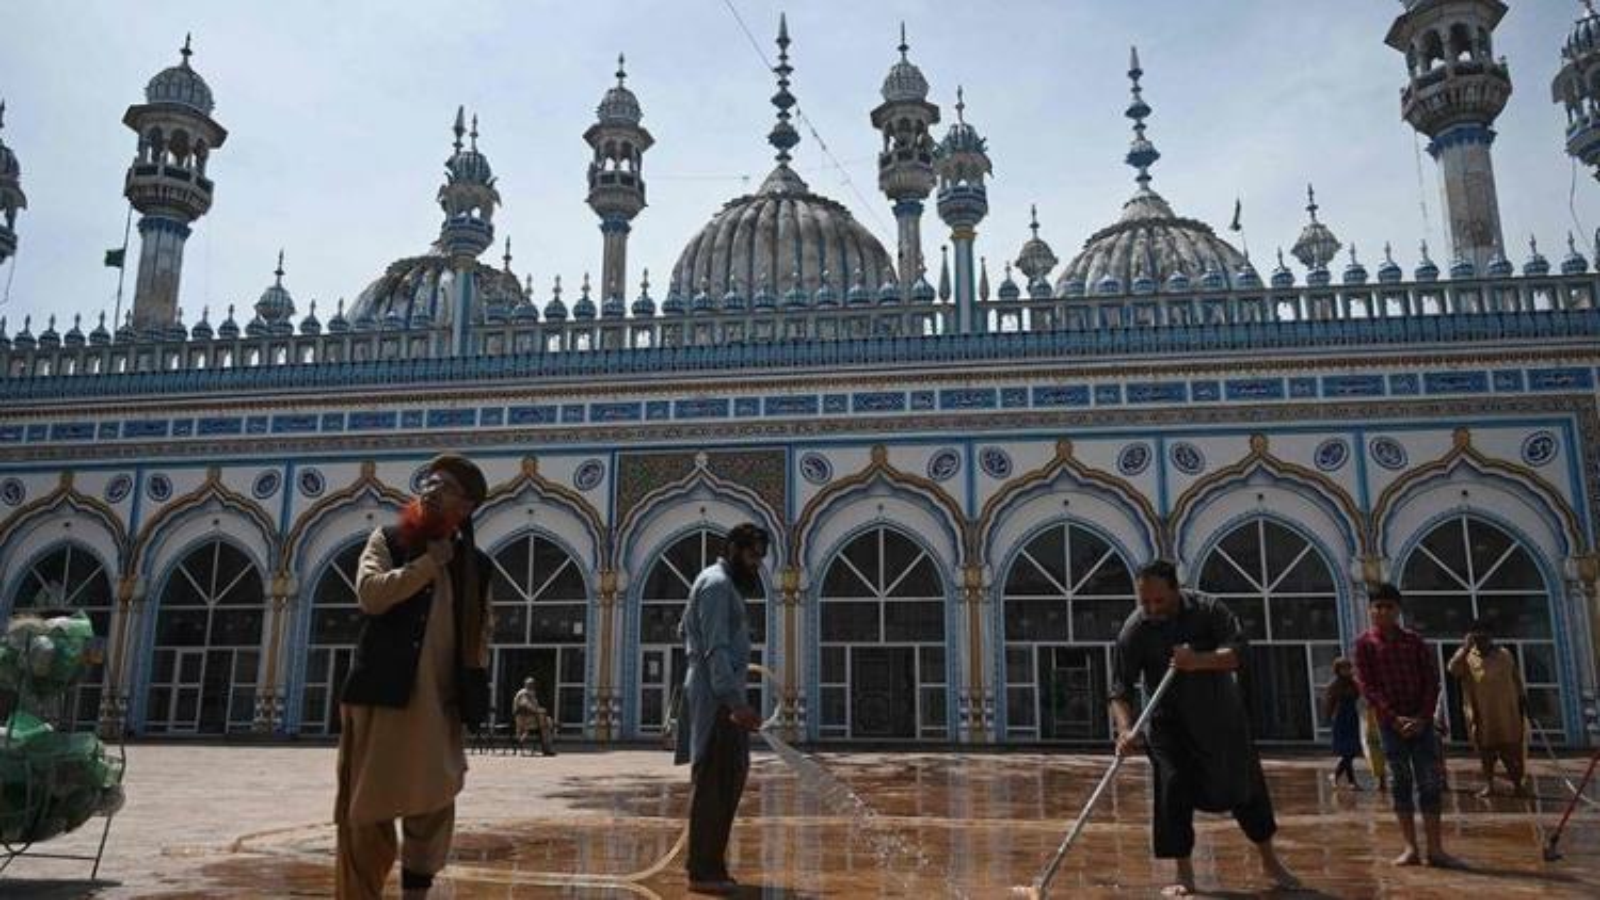 Gần 2 tỷ tín đồ Hồi giáo trên thế giới chính thức bước vào tháng lễ Ramadan